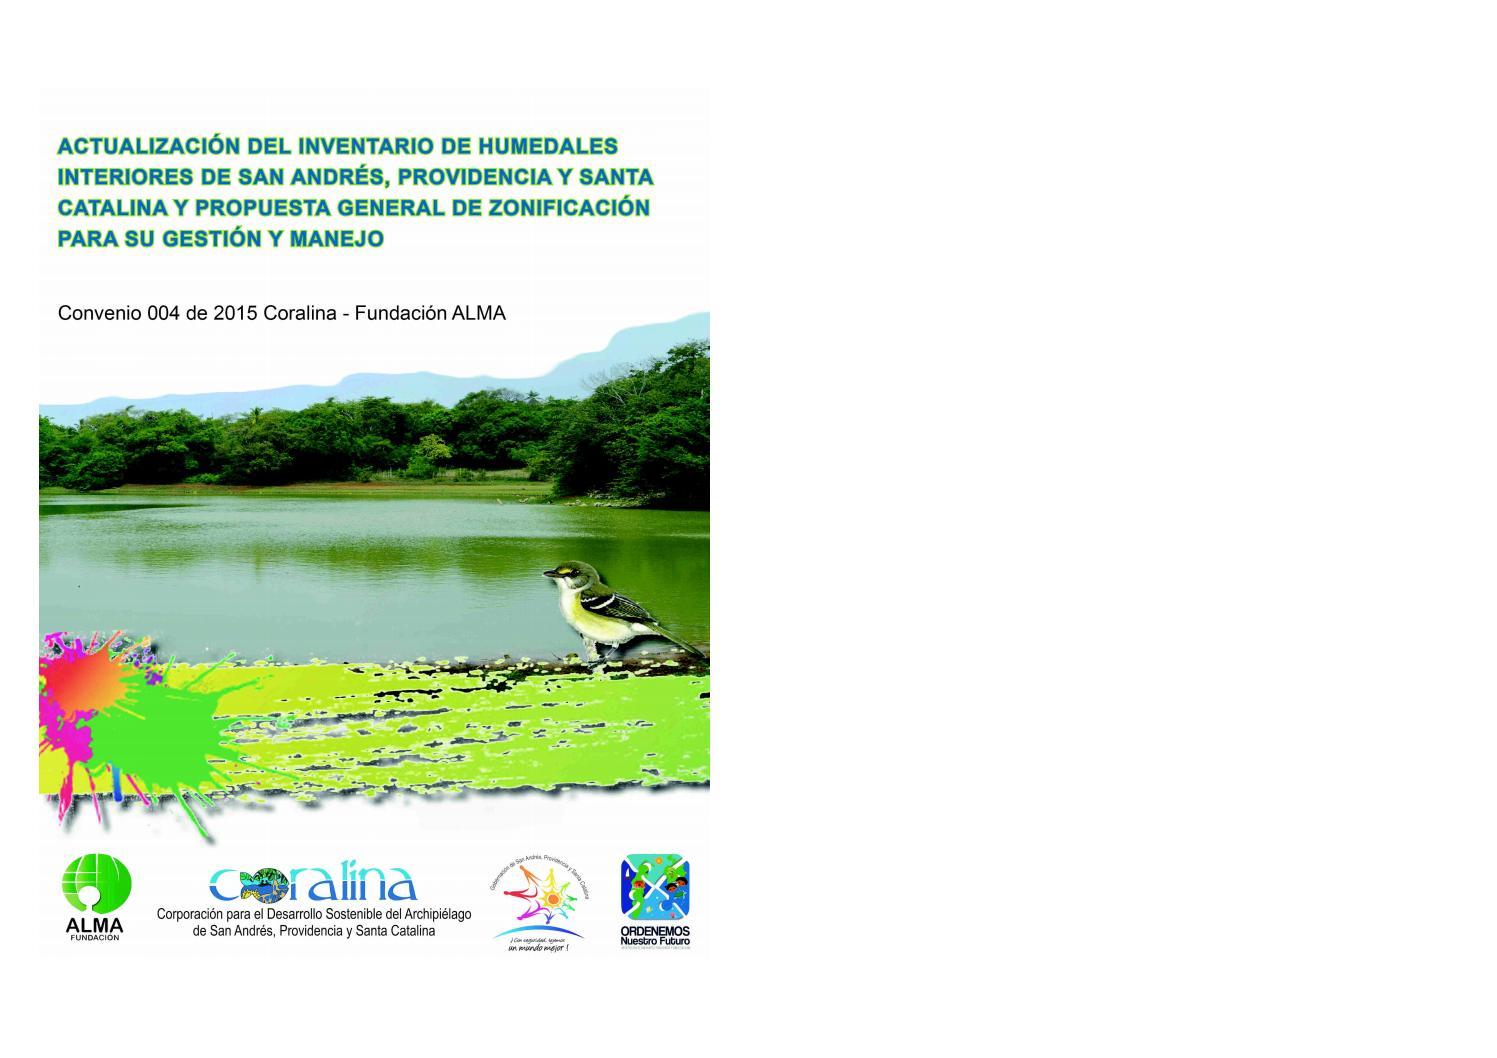 Inventario humedales san andres y providencia by Fundación Alma - issuu